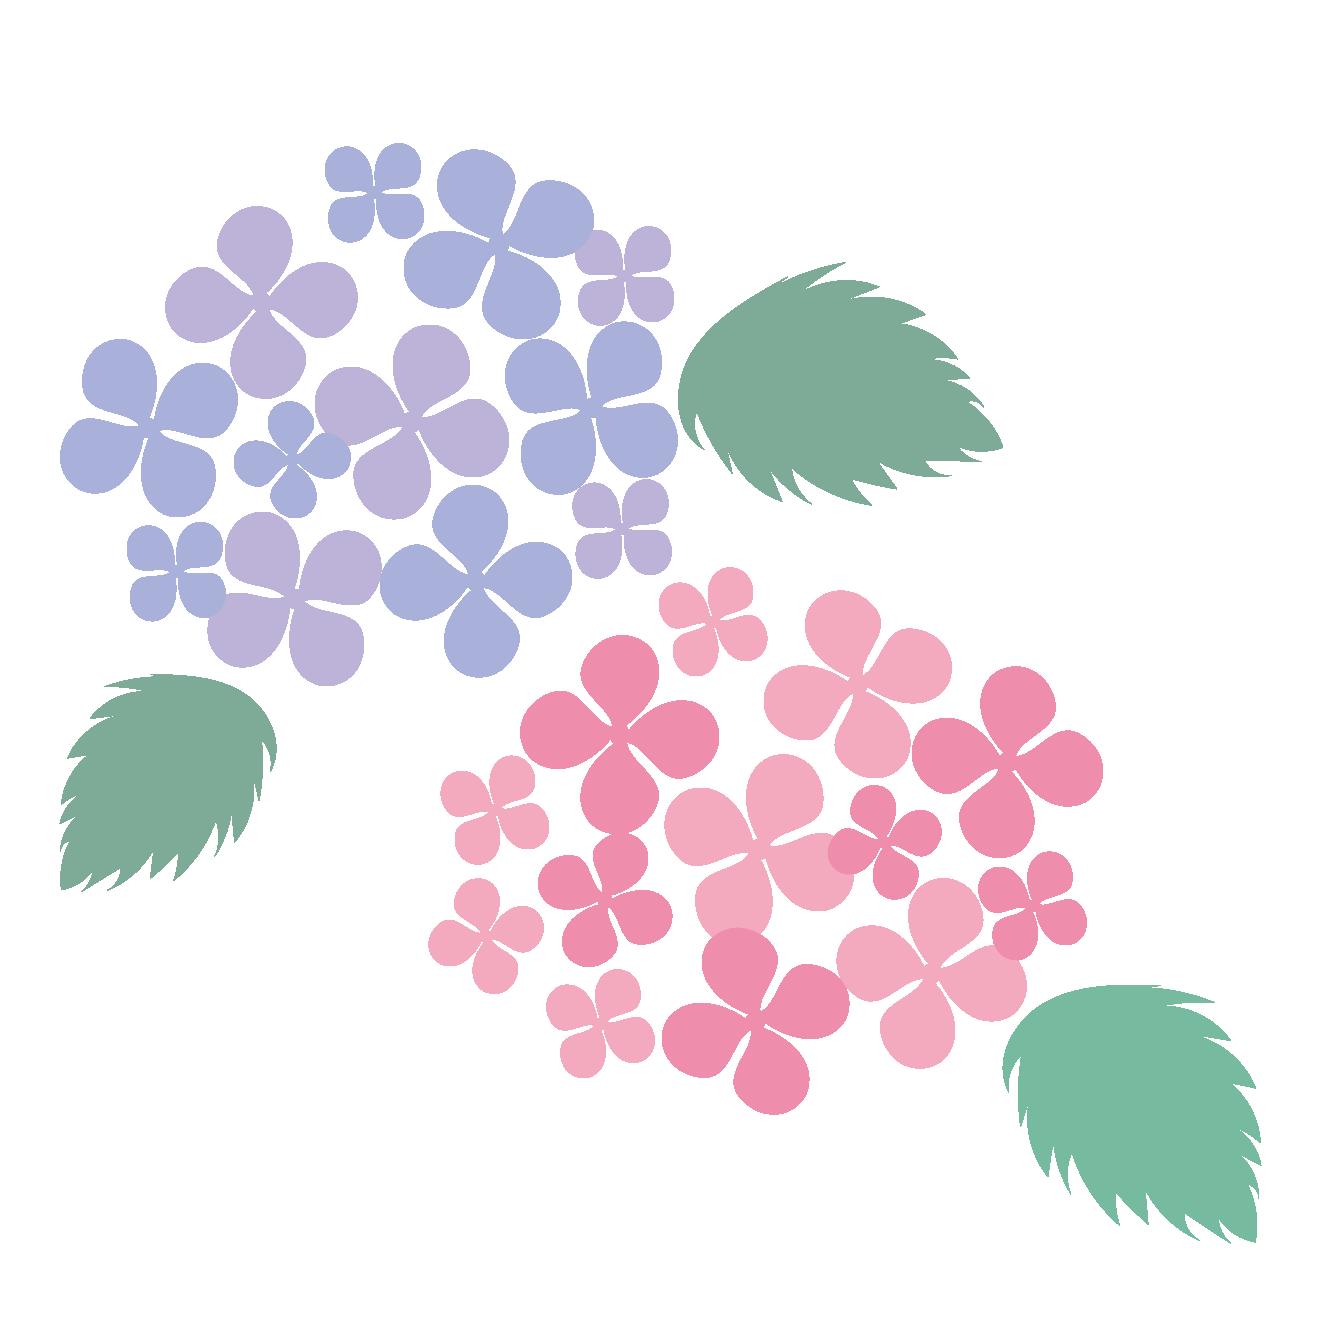 パステル調の紫陽花(アジサイ)の花 フリー イラスト【梅雨】